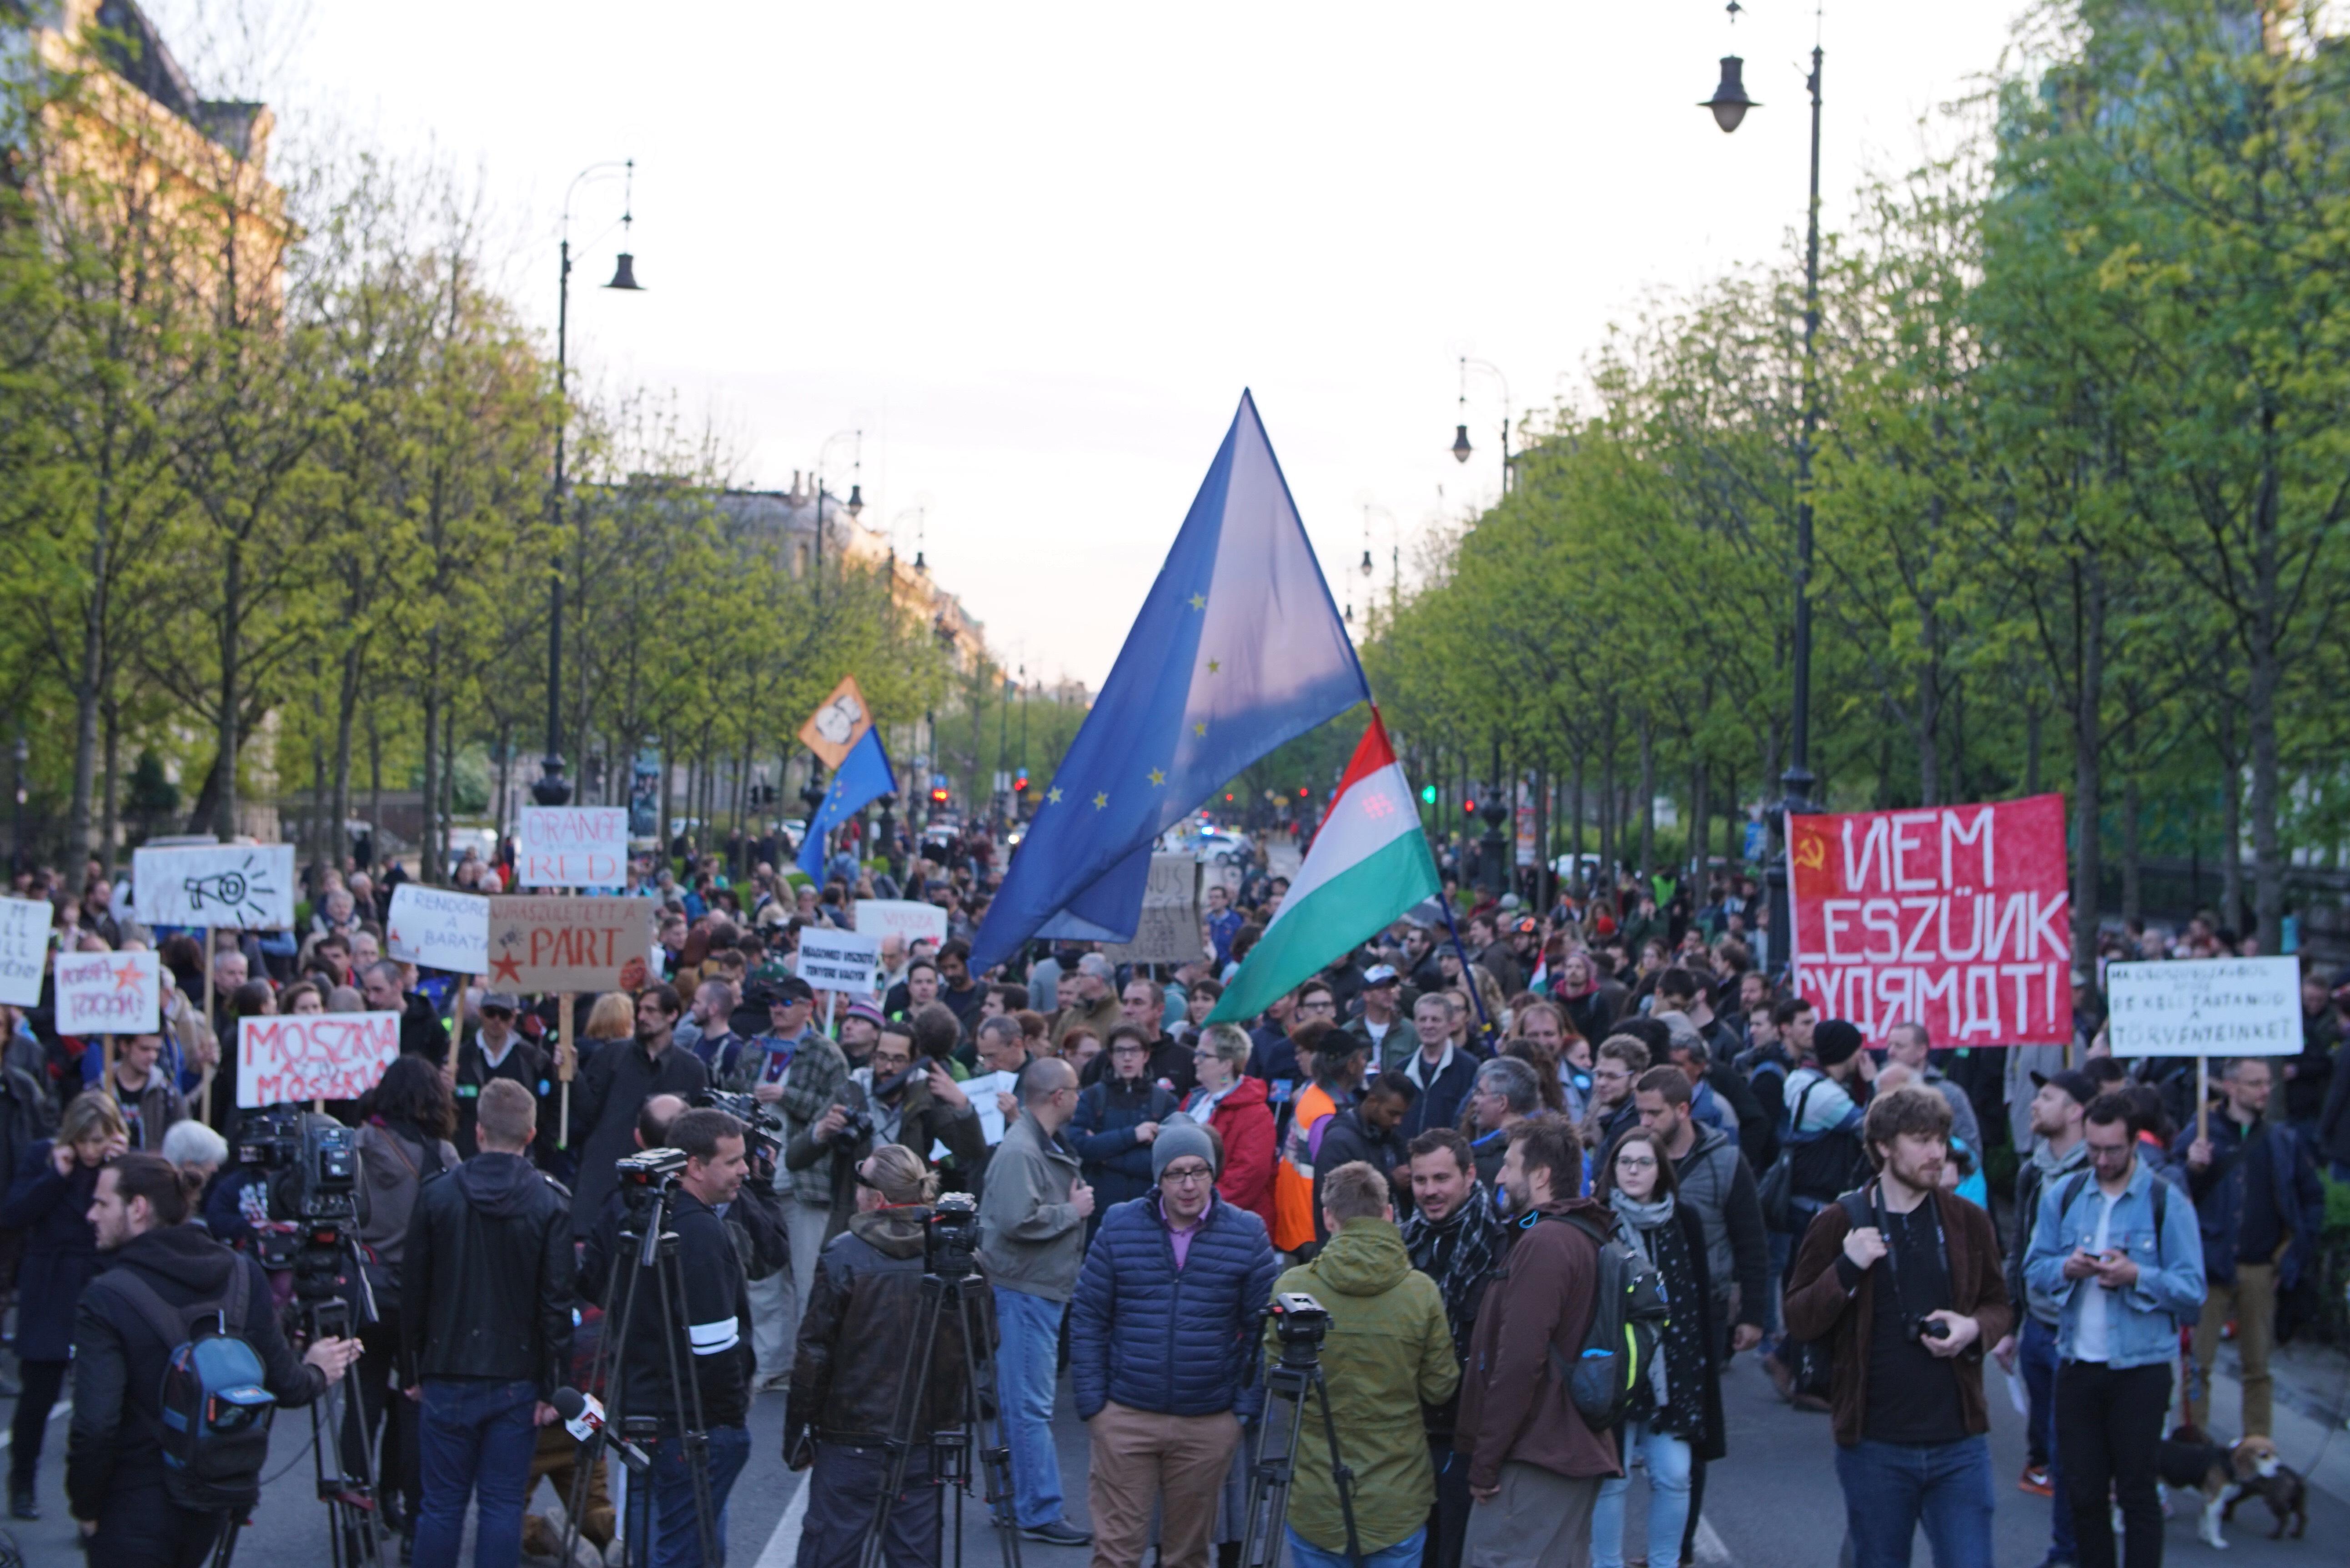 Tüntetés a növekvő orosz befolyás ellen